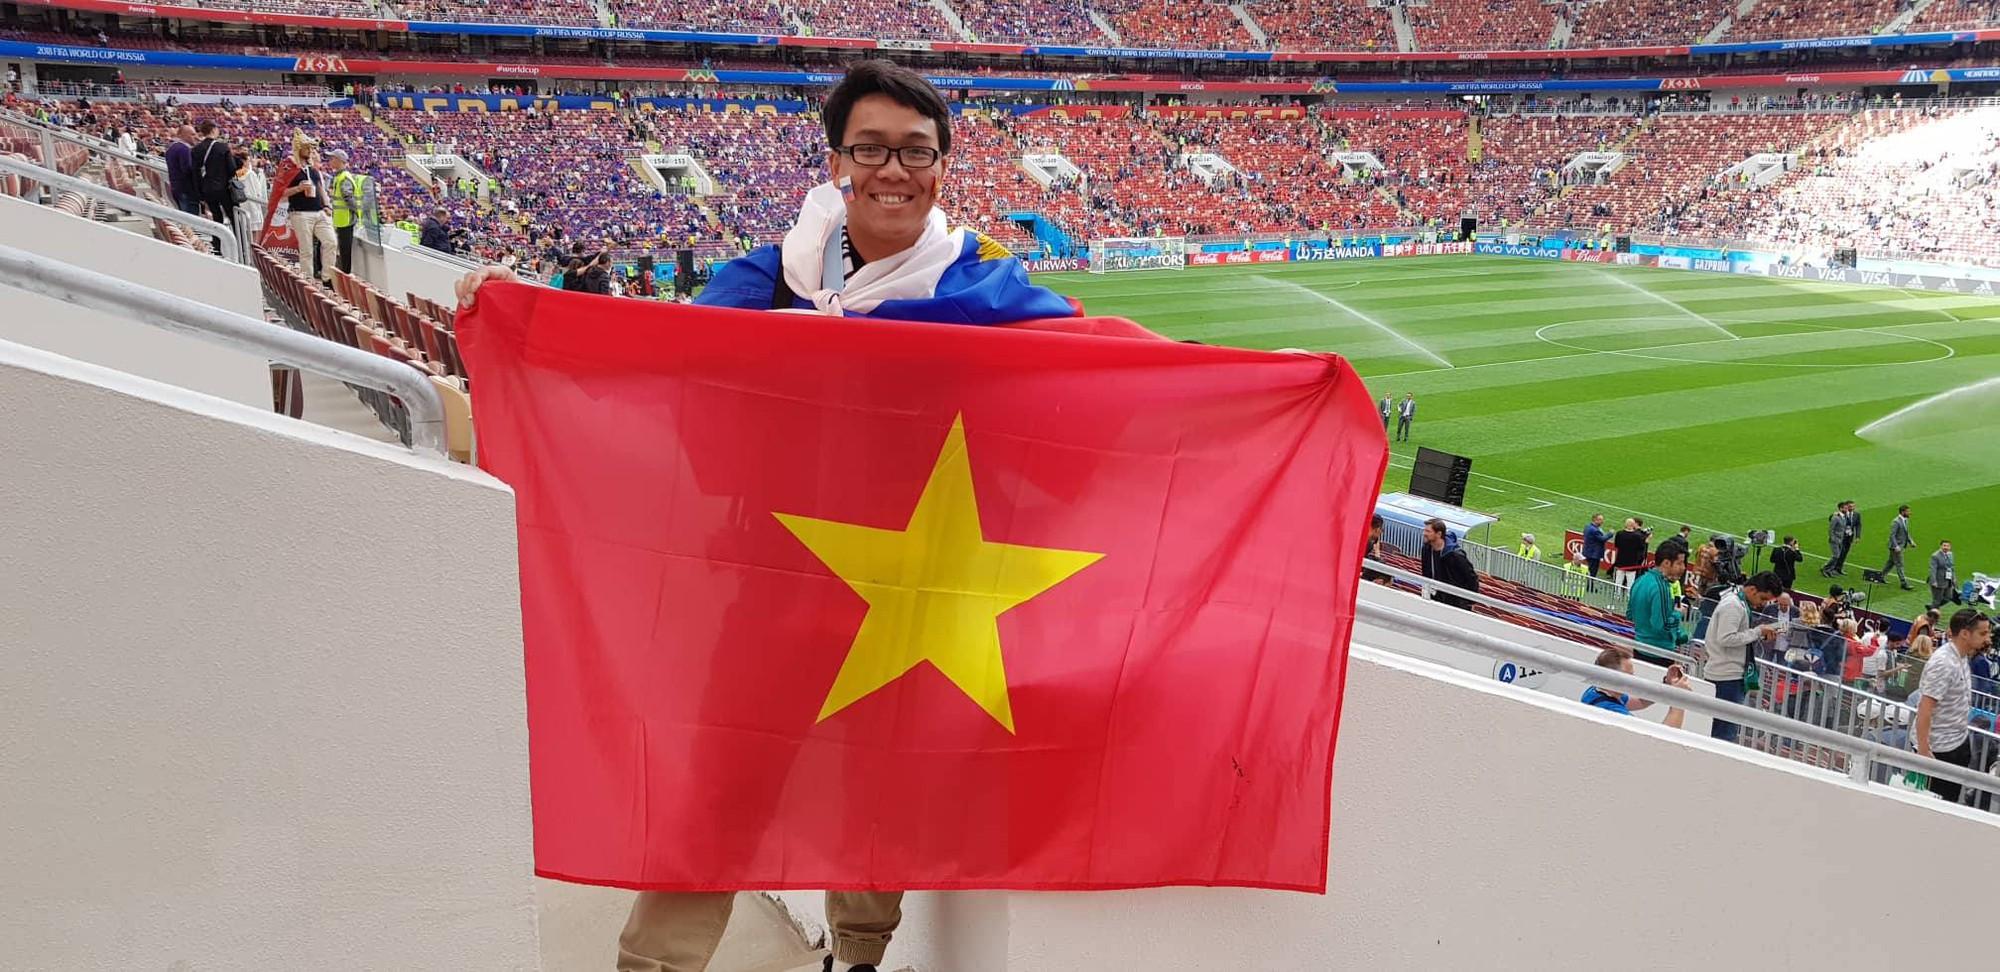 Du học sinh Việt tại Nga đang khiến bạn bè ở quê nhà ghen tỵ vì được đến tận nơi xem World Cup 2018 - Ảnh 2.